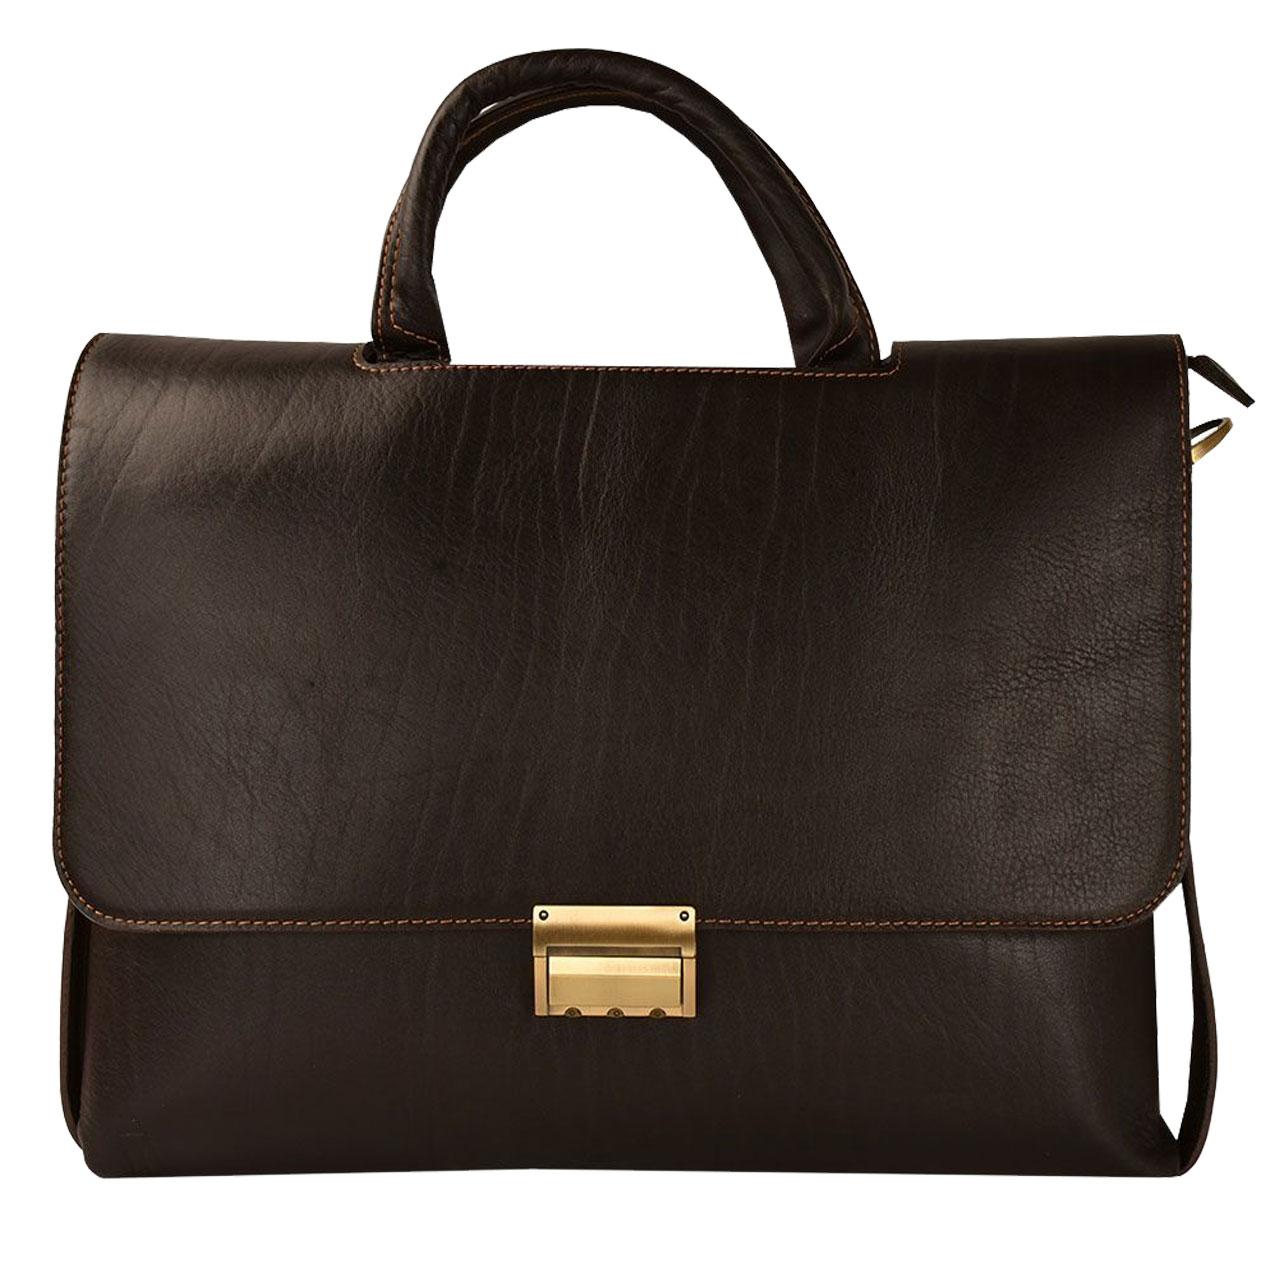 کیف اداری چرم کهن چرم مدل L101-15